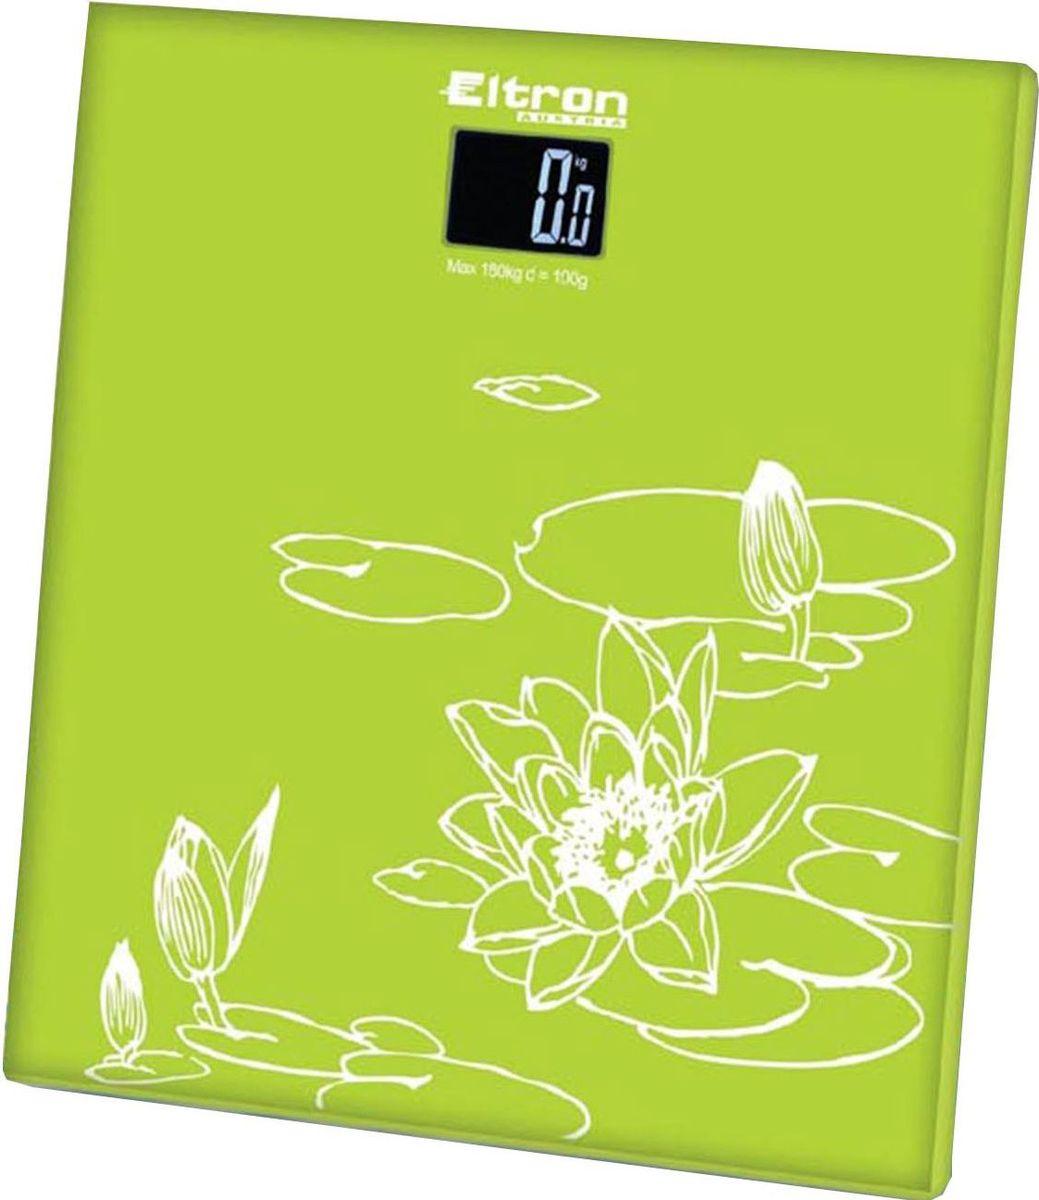 Весы напольные Eltron, электронные, цвет: синий, зеленый, белый, до 180 кг. 9215EL9215ELЦифровые напольные круглые весы на стеклянной платформе. Жидкокристаллический экран. Максимальный вес 180 кг. Шаг измерения - 0.1 кг.